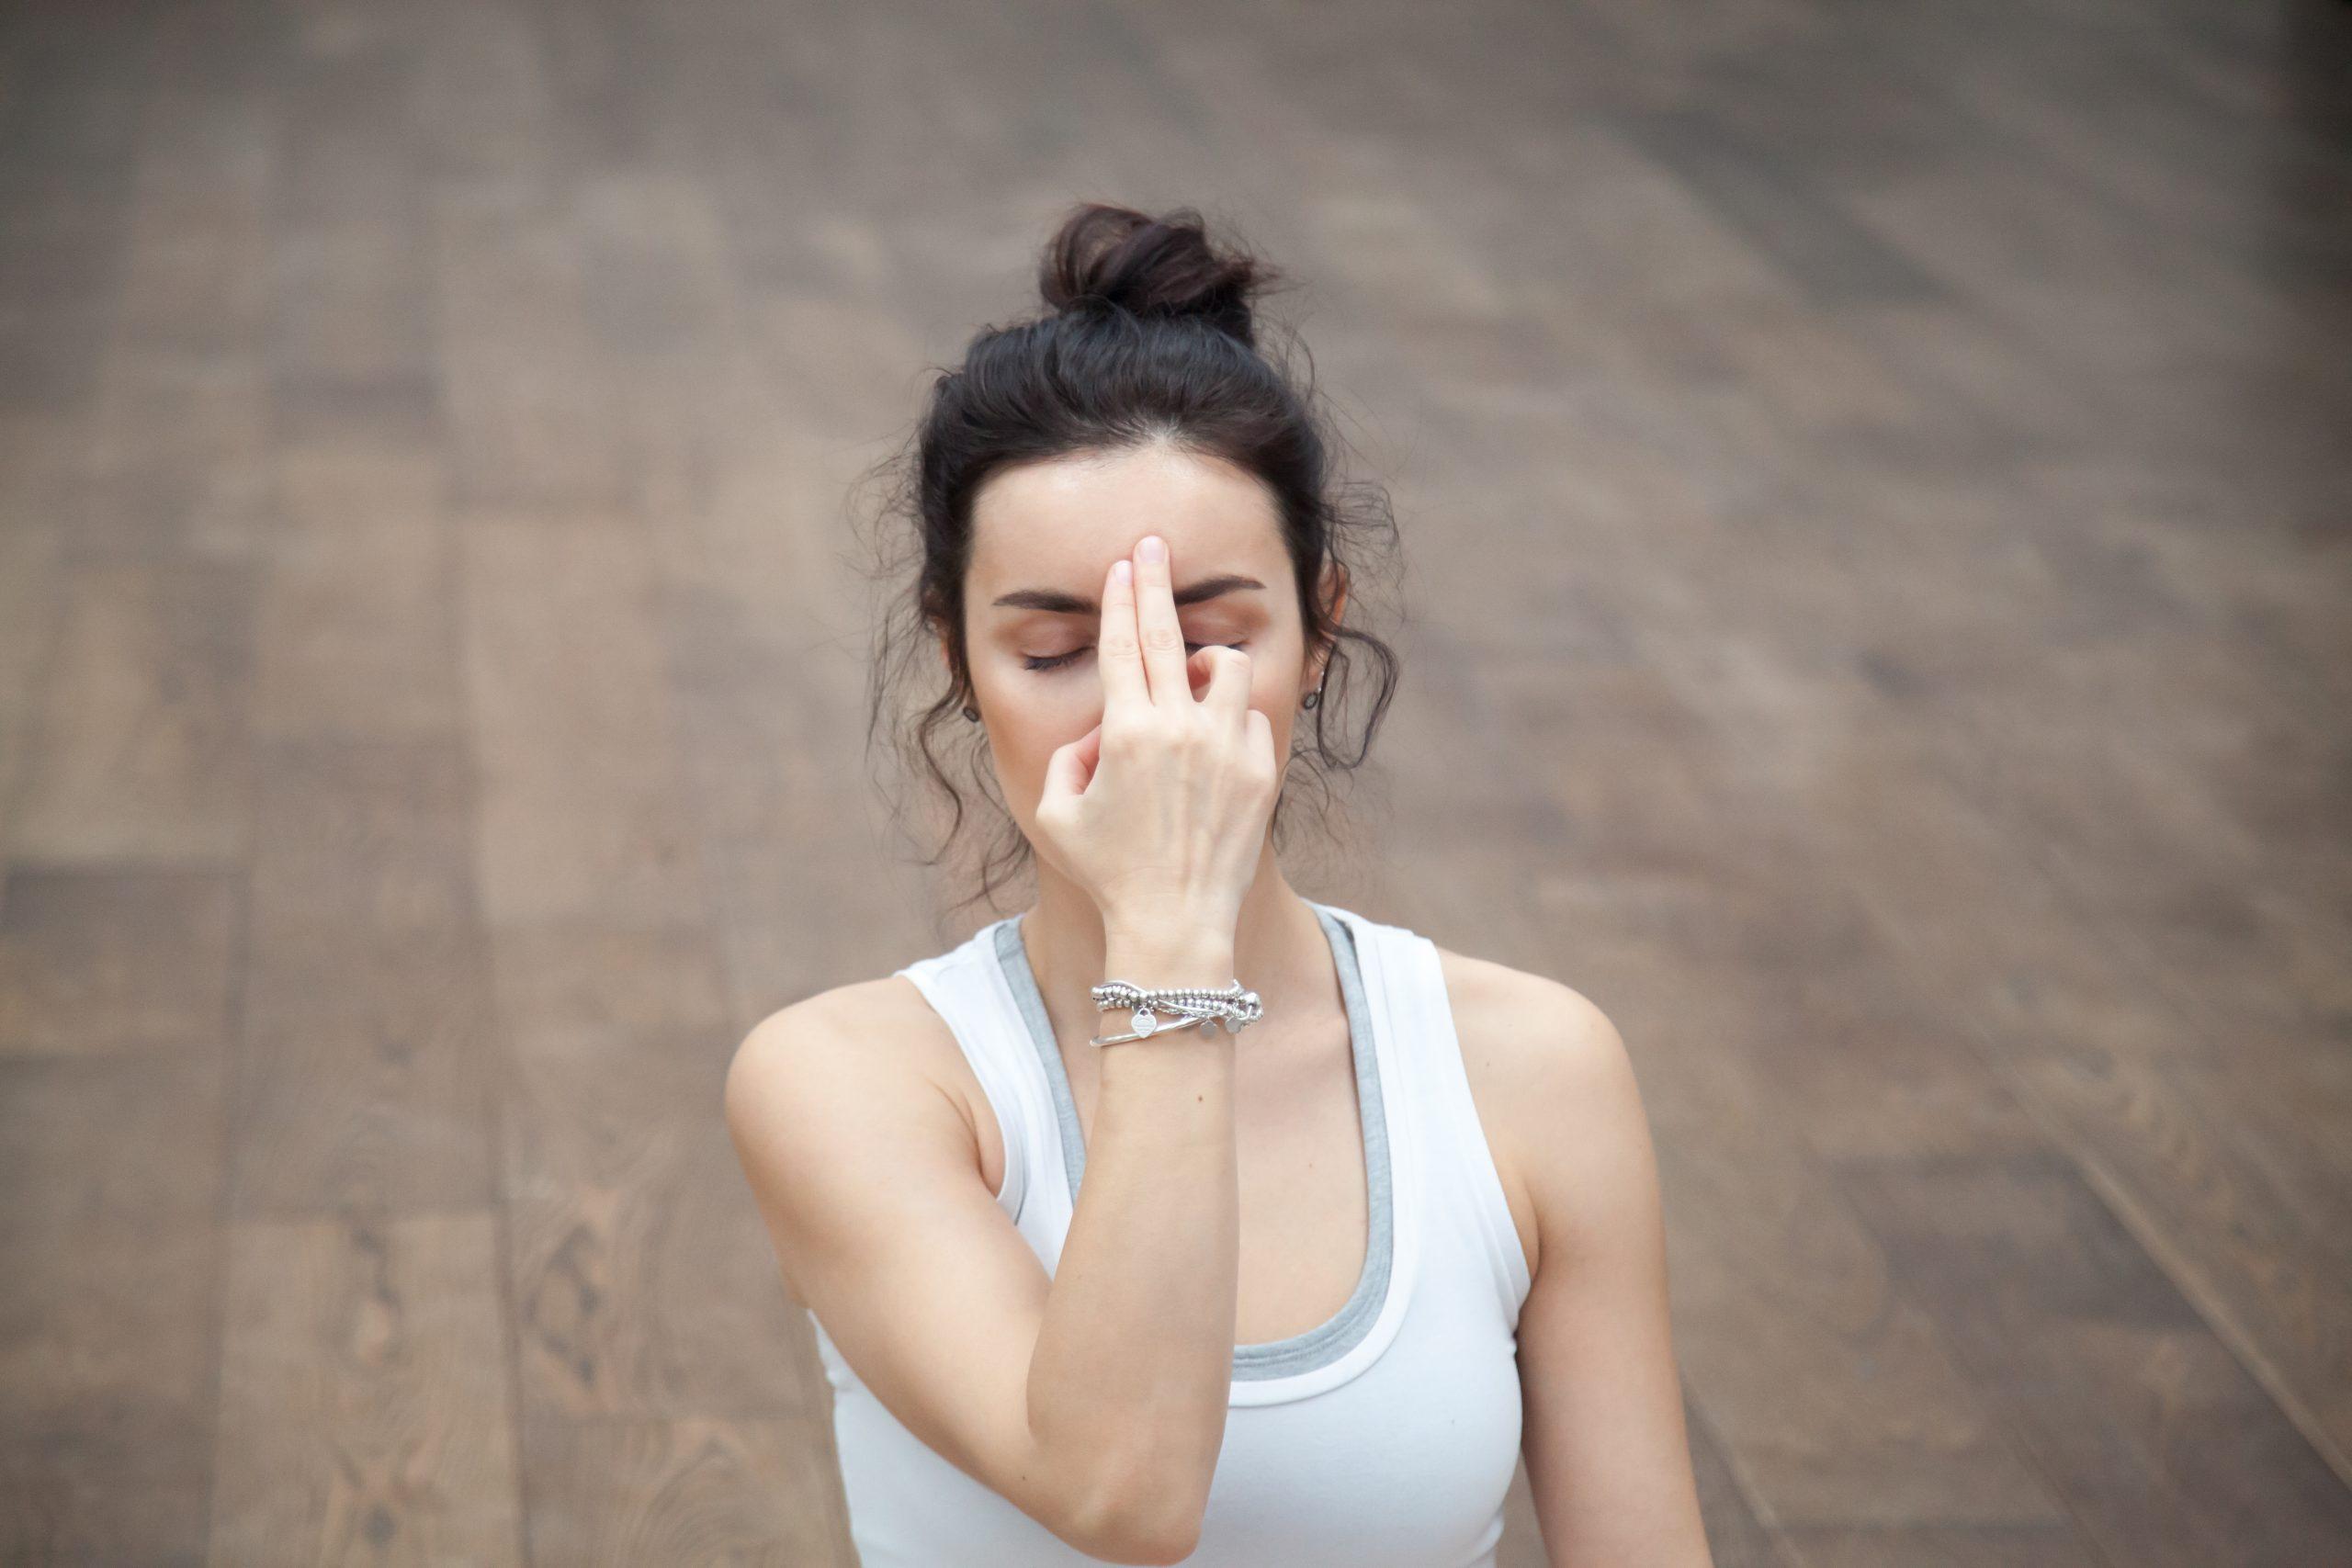 Pranayama breathing exercise training in india